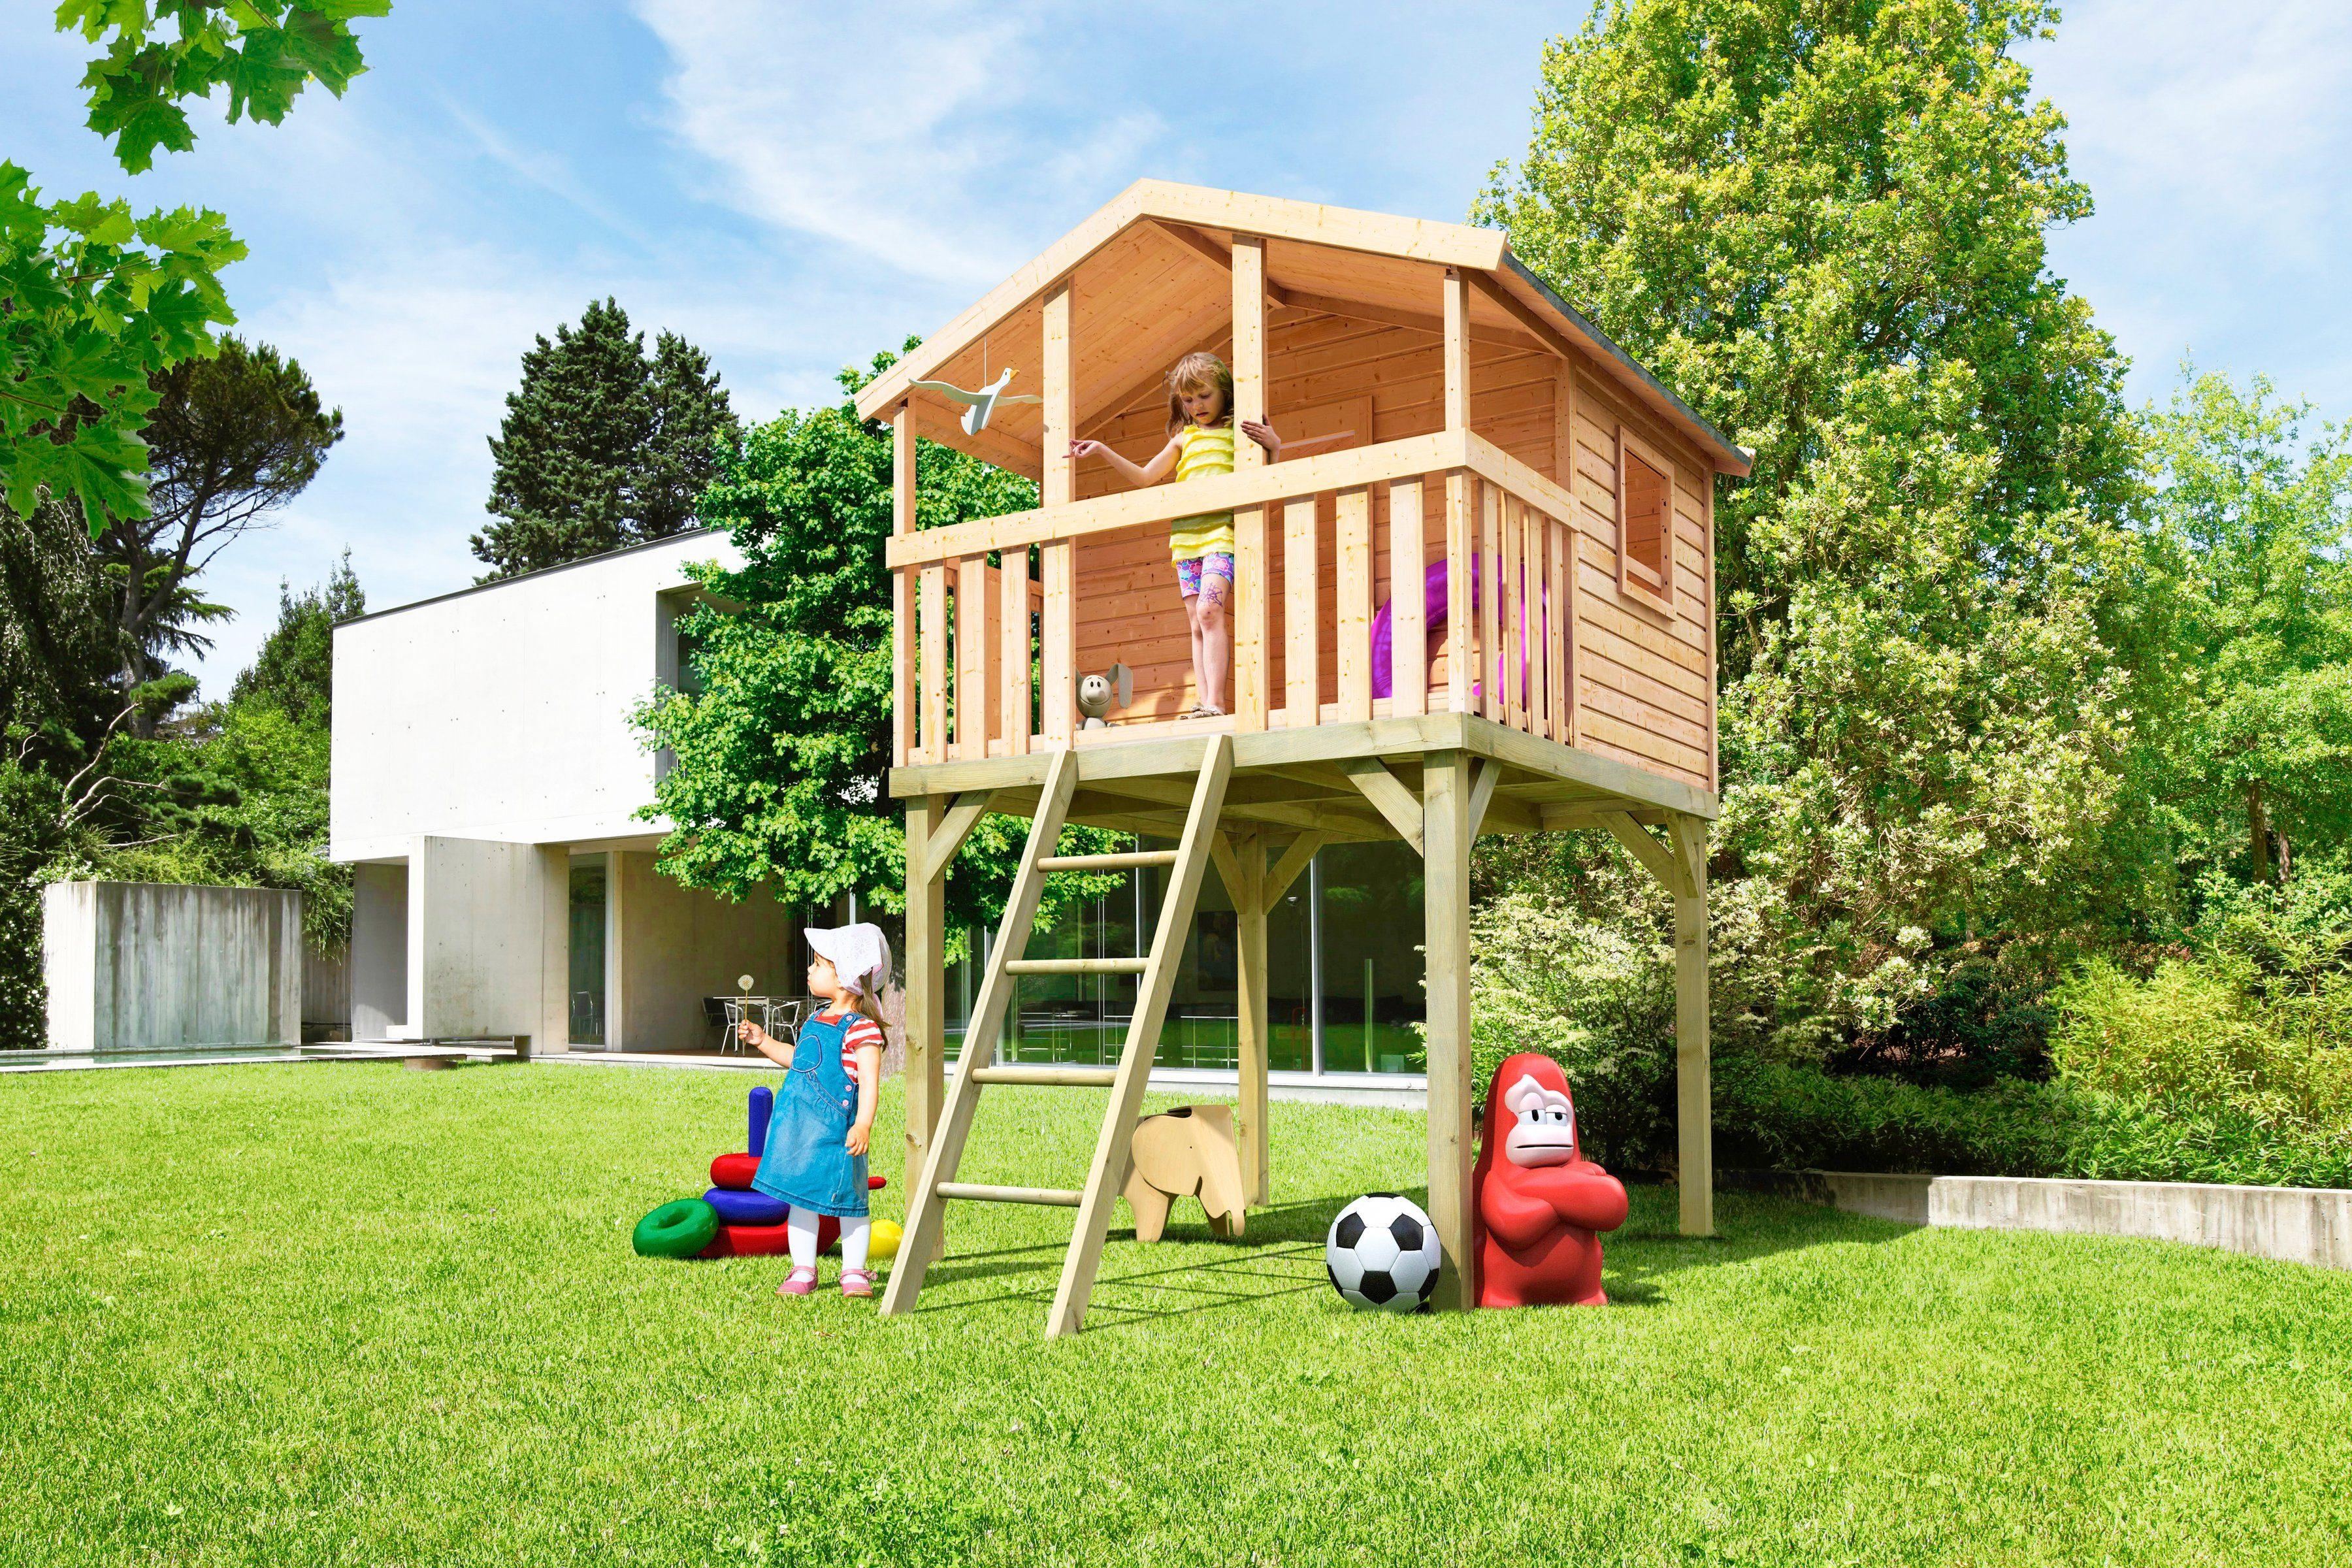 Kinderen spelen met speelgoed in de tuin